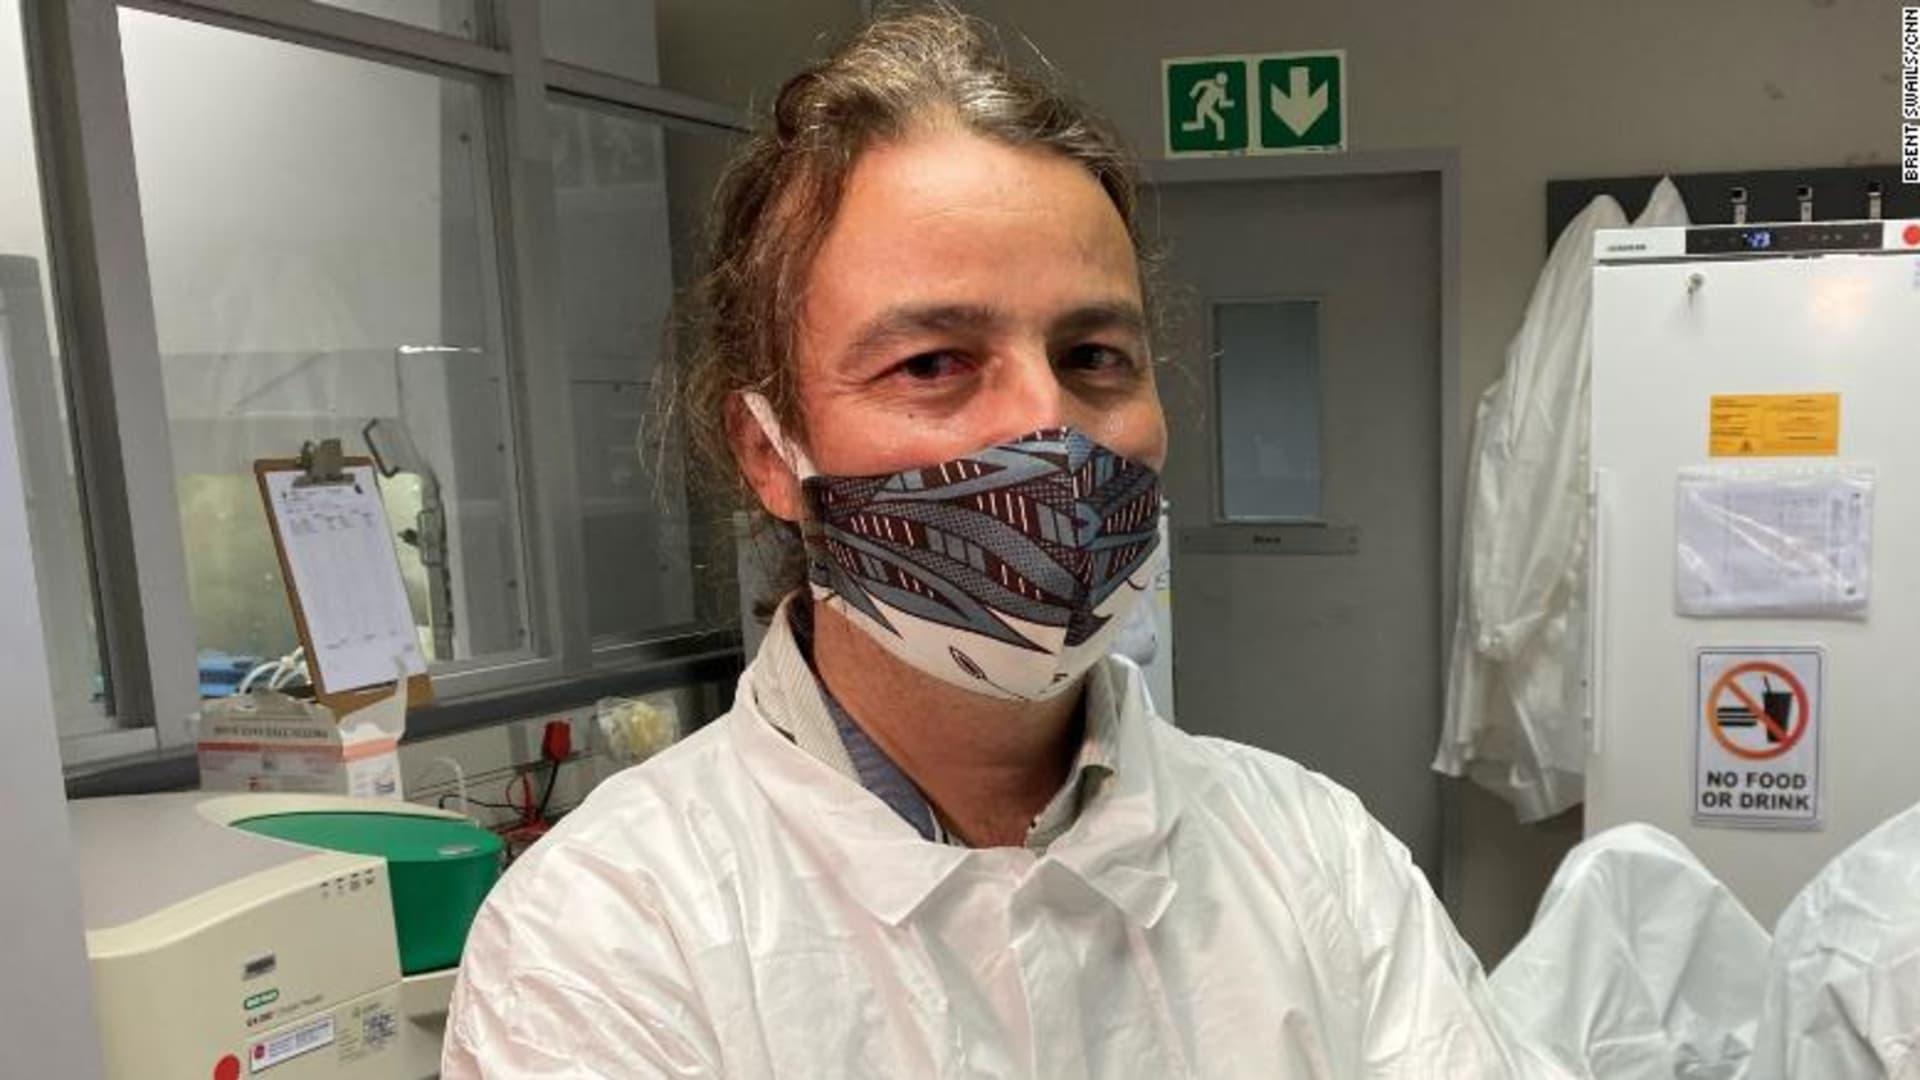 برهان على زجاجة نبيذ..هكذا بدأ اكتشاف سلالة أخرى من فيروس كورونا بجنوب أفريقيا مشابهة للسلالة البريطانية